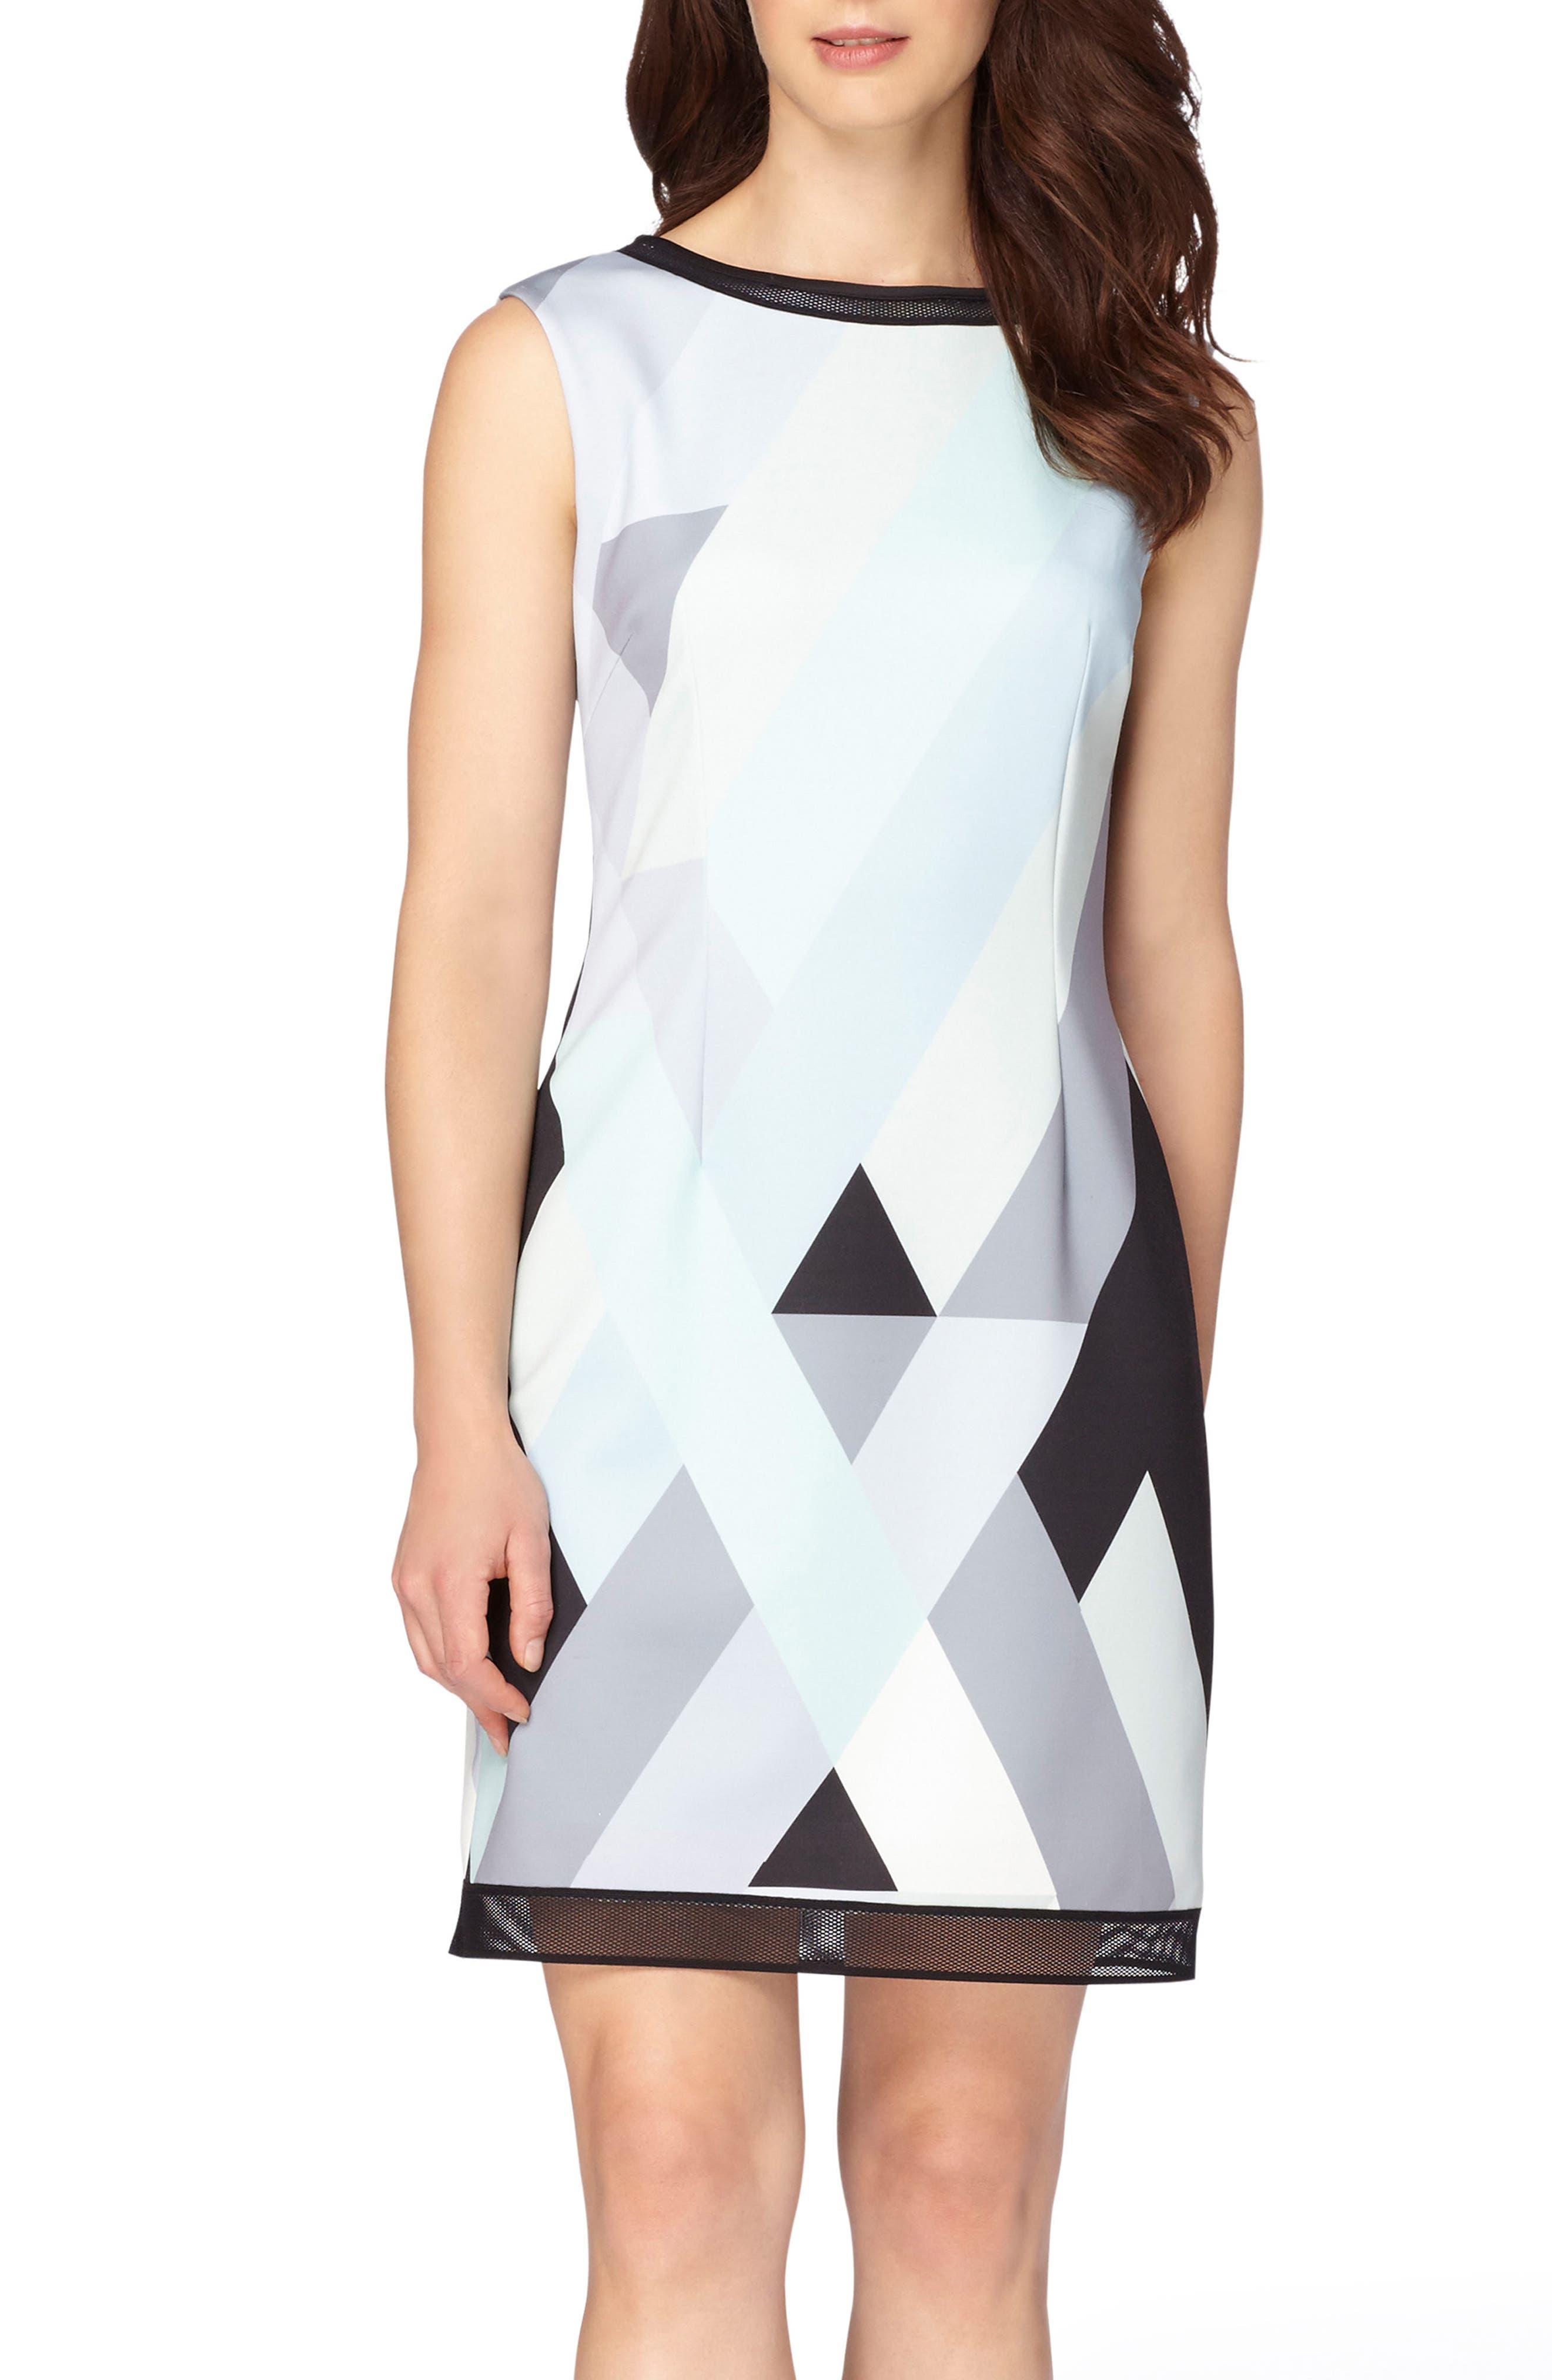 Alternate Image 1 Selected - Tahari Print Scuba Sheath Dress (Regular & Petite)